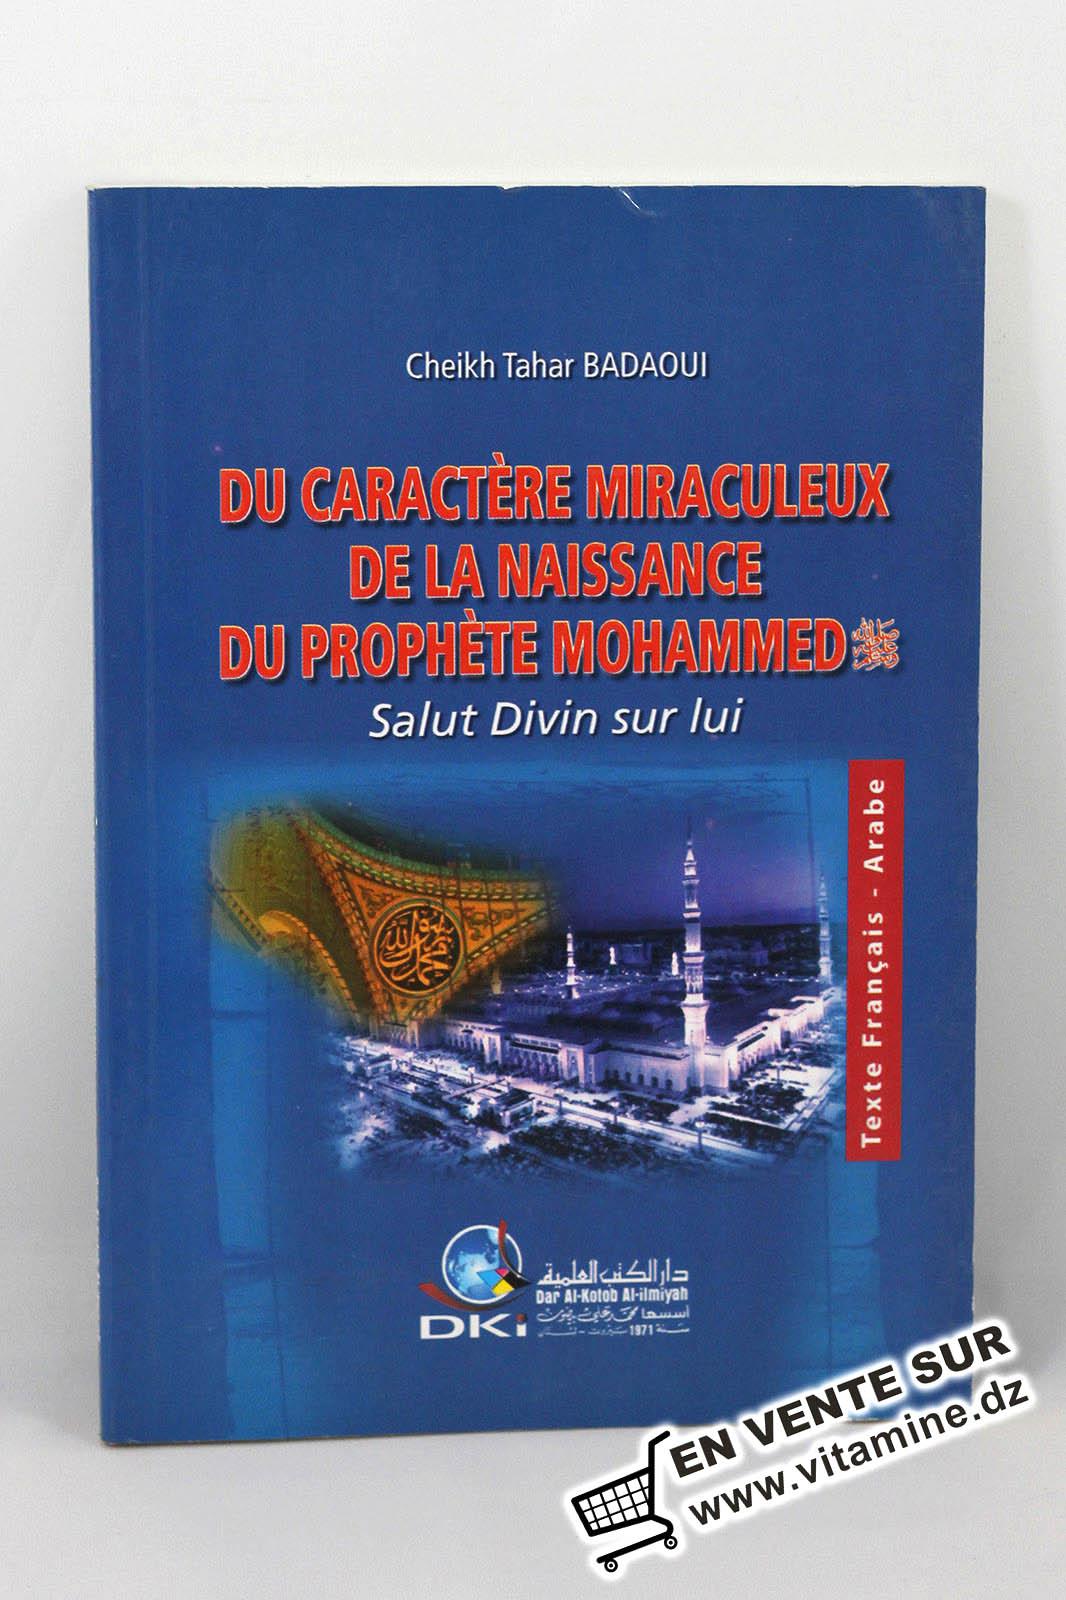 Cheikh Tahar Badaoui - du caractère miraculeux de la naissance  du prophète Mohammed